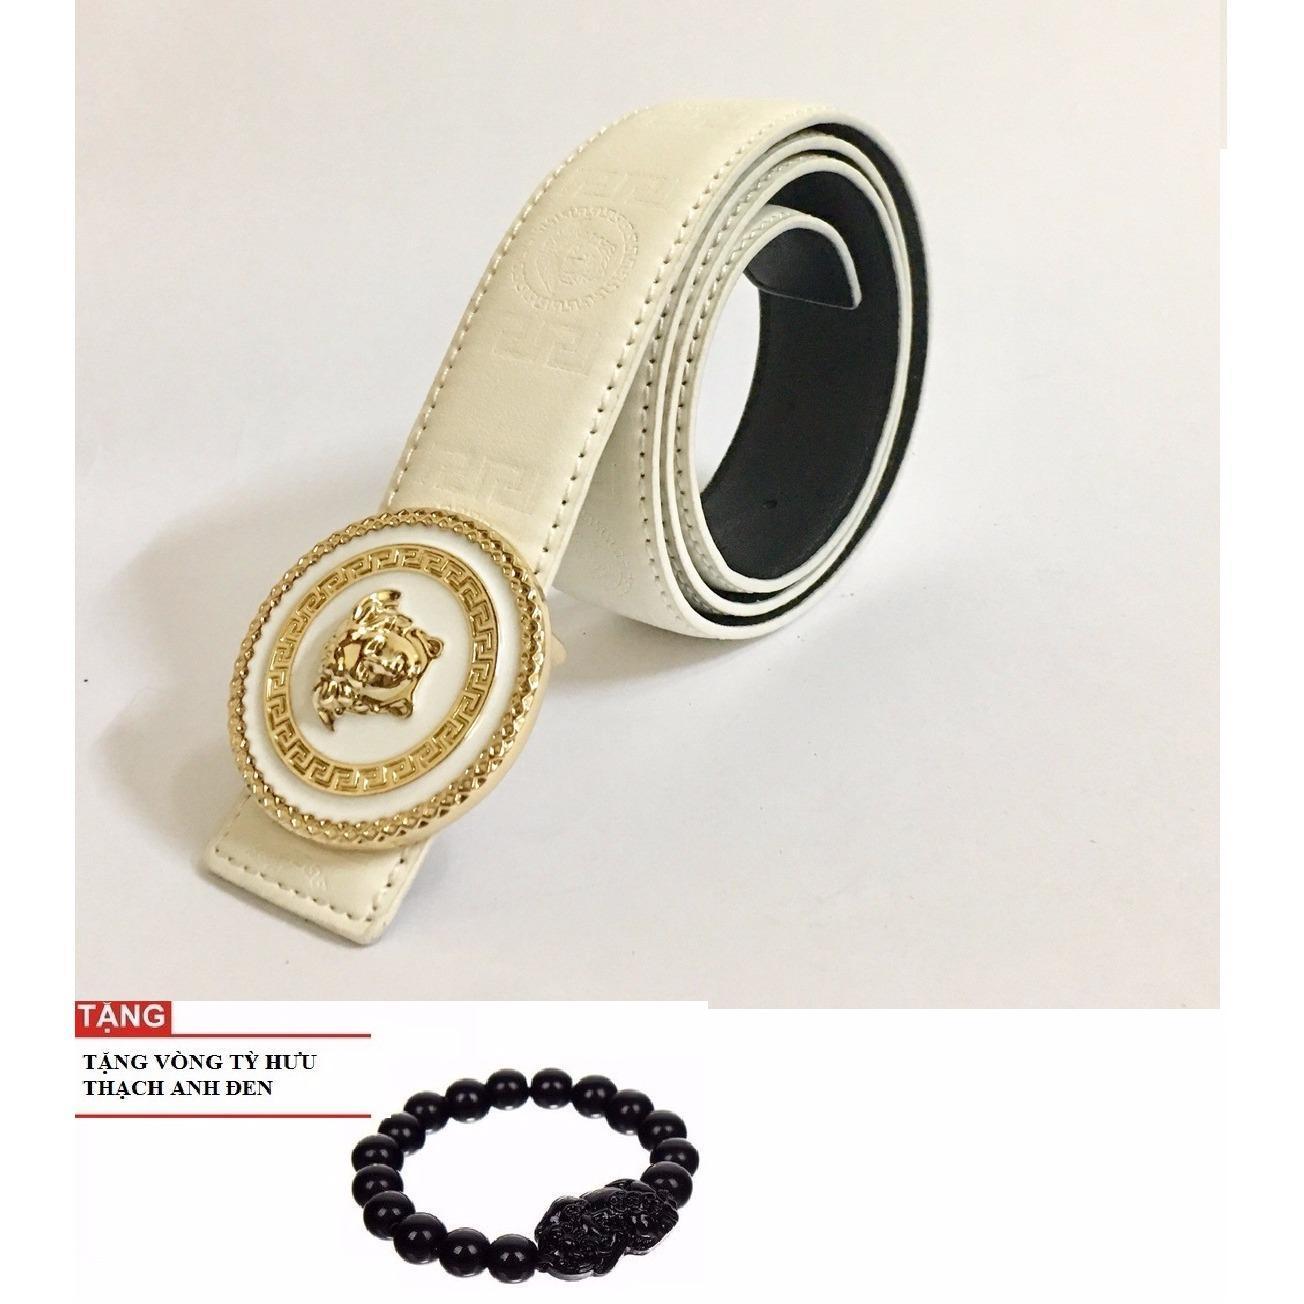 Dây Nịt Lưng Nữ Da Mặt Tròn Mạ Vàng Thời Thượng Vs68 TẶng Vòng Tỳ Hưu May Mắn By Shop Việt1.